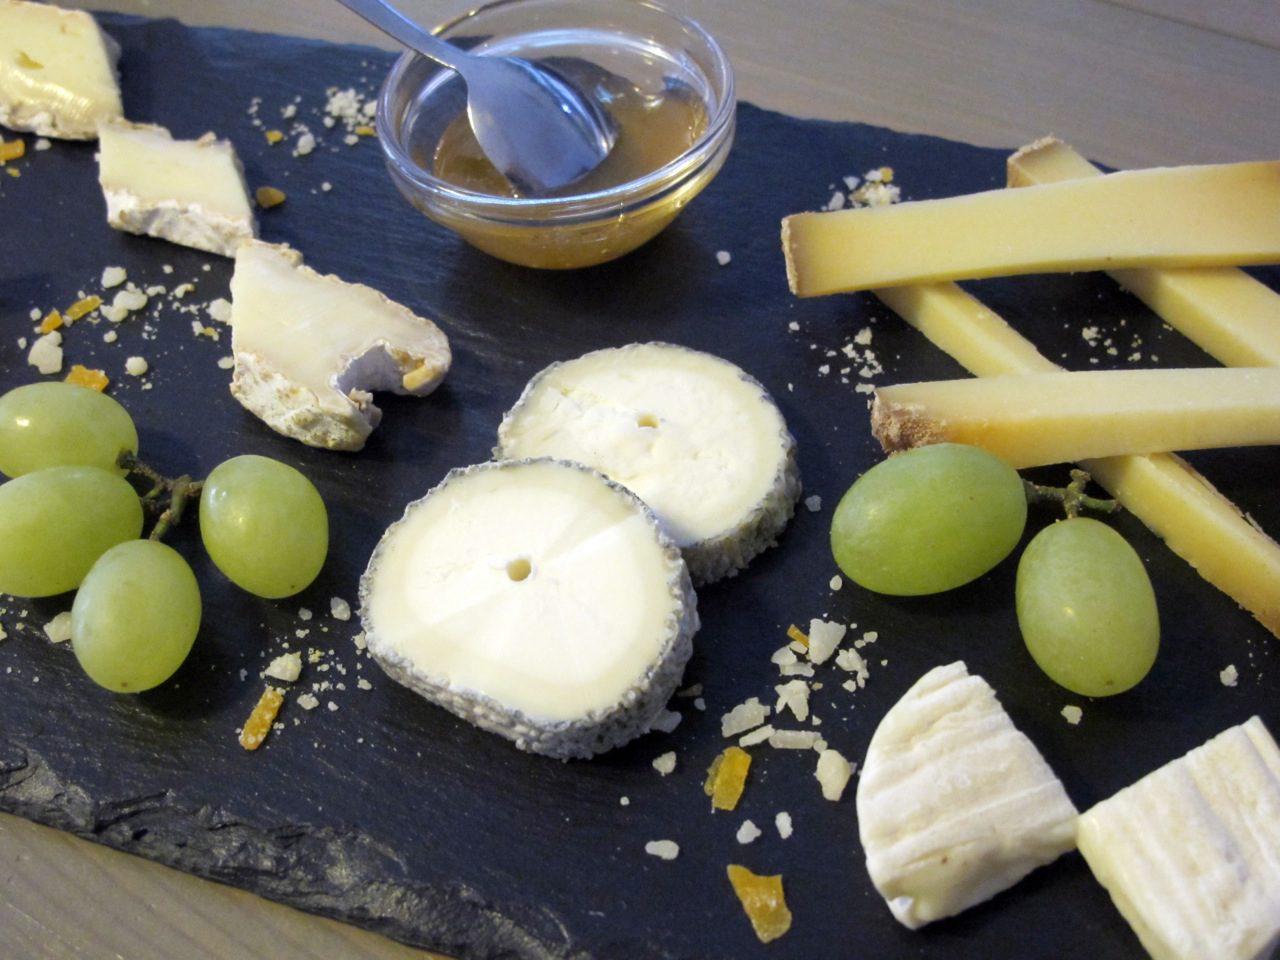 Zum Anbeißen: die kleine Käseplatte mit Parmesankrümeln.